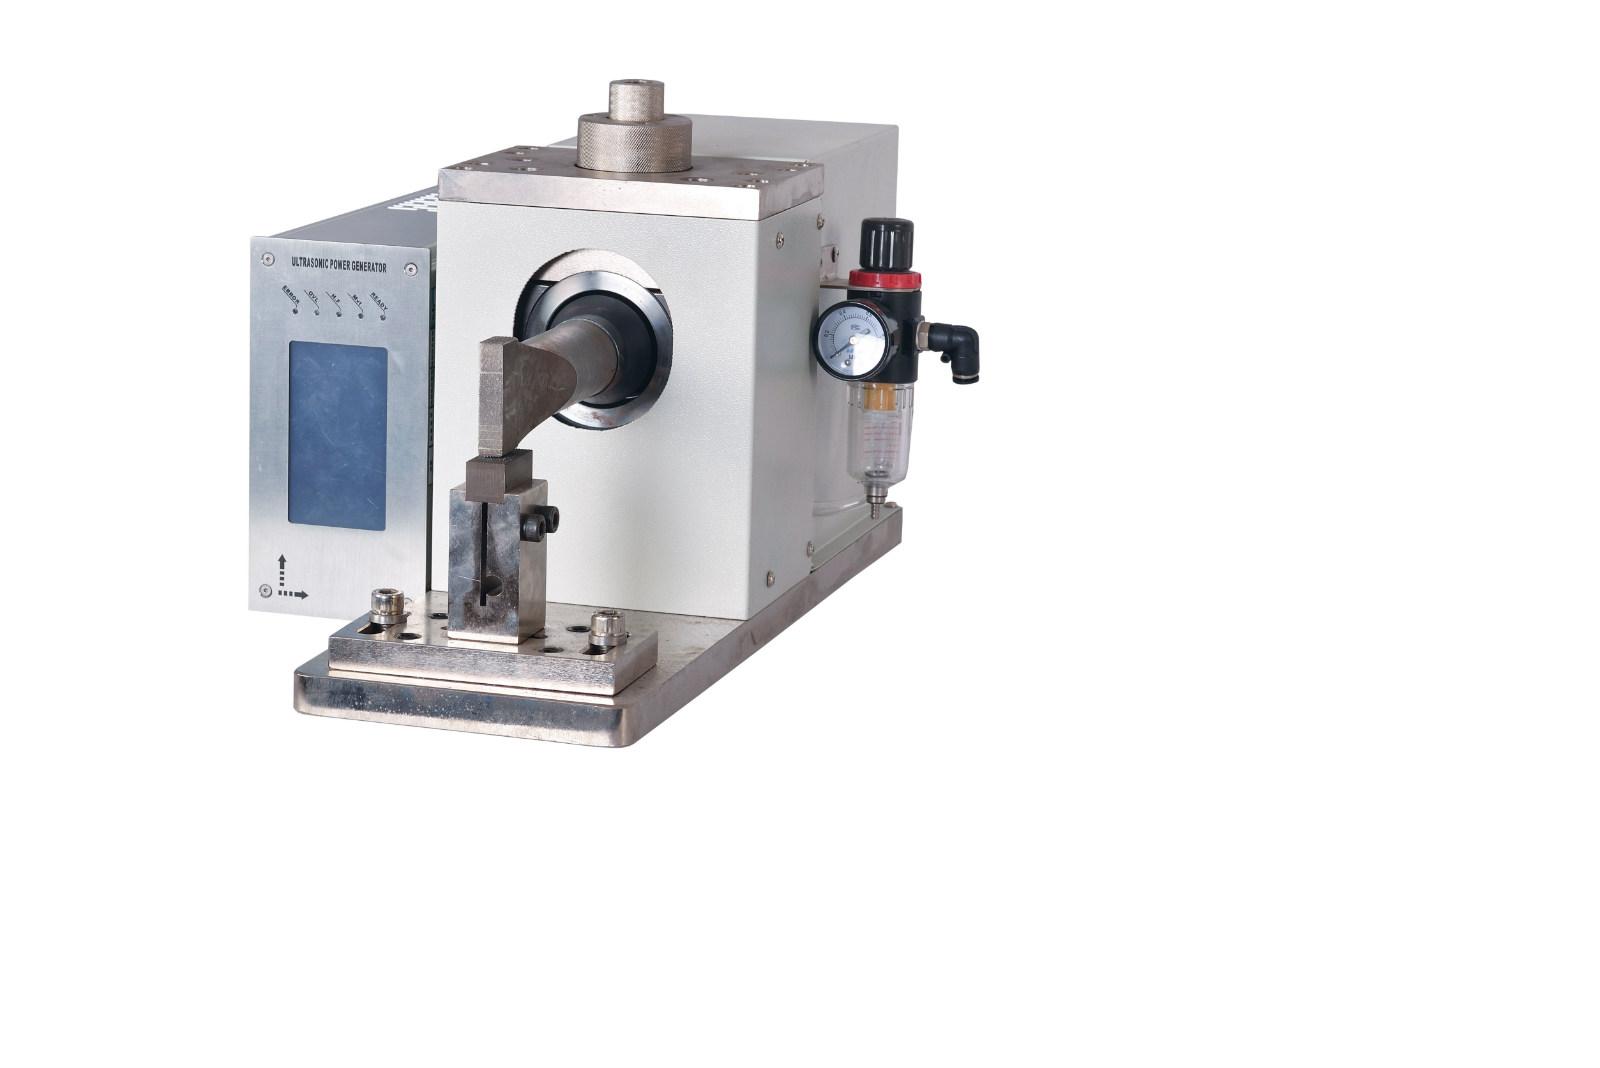 浙江超声波焊接机 超声波模具定制 超声波金属焊接机